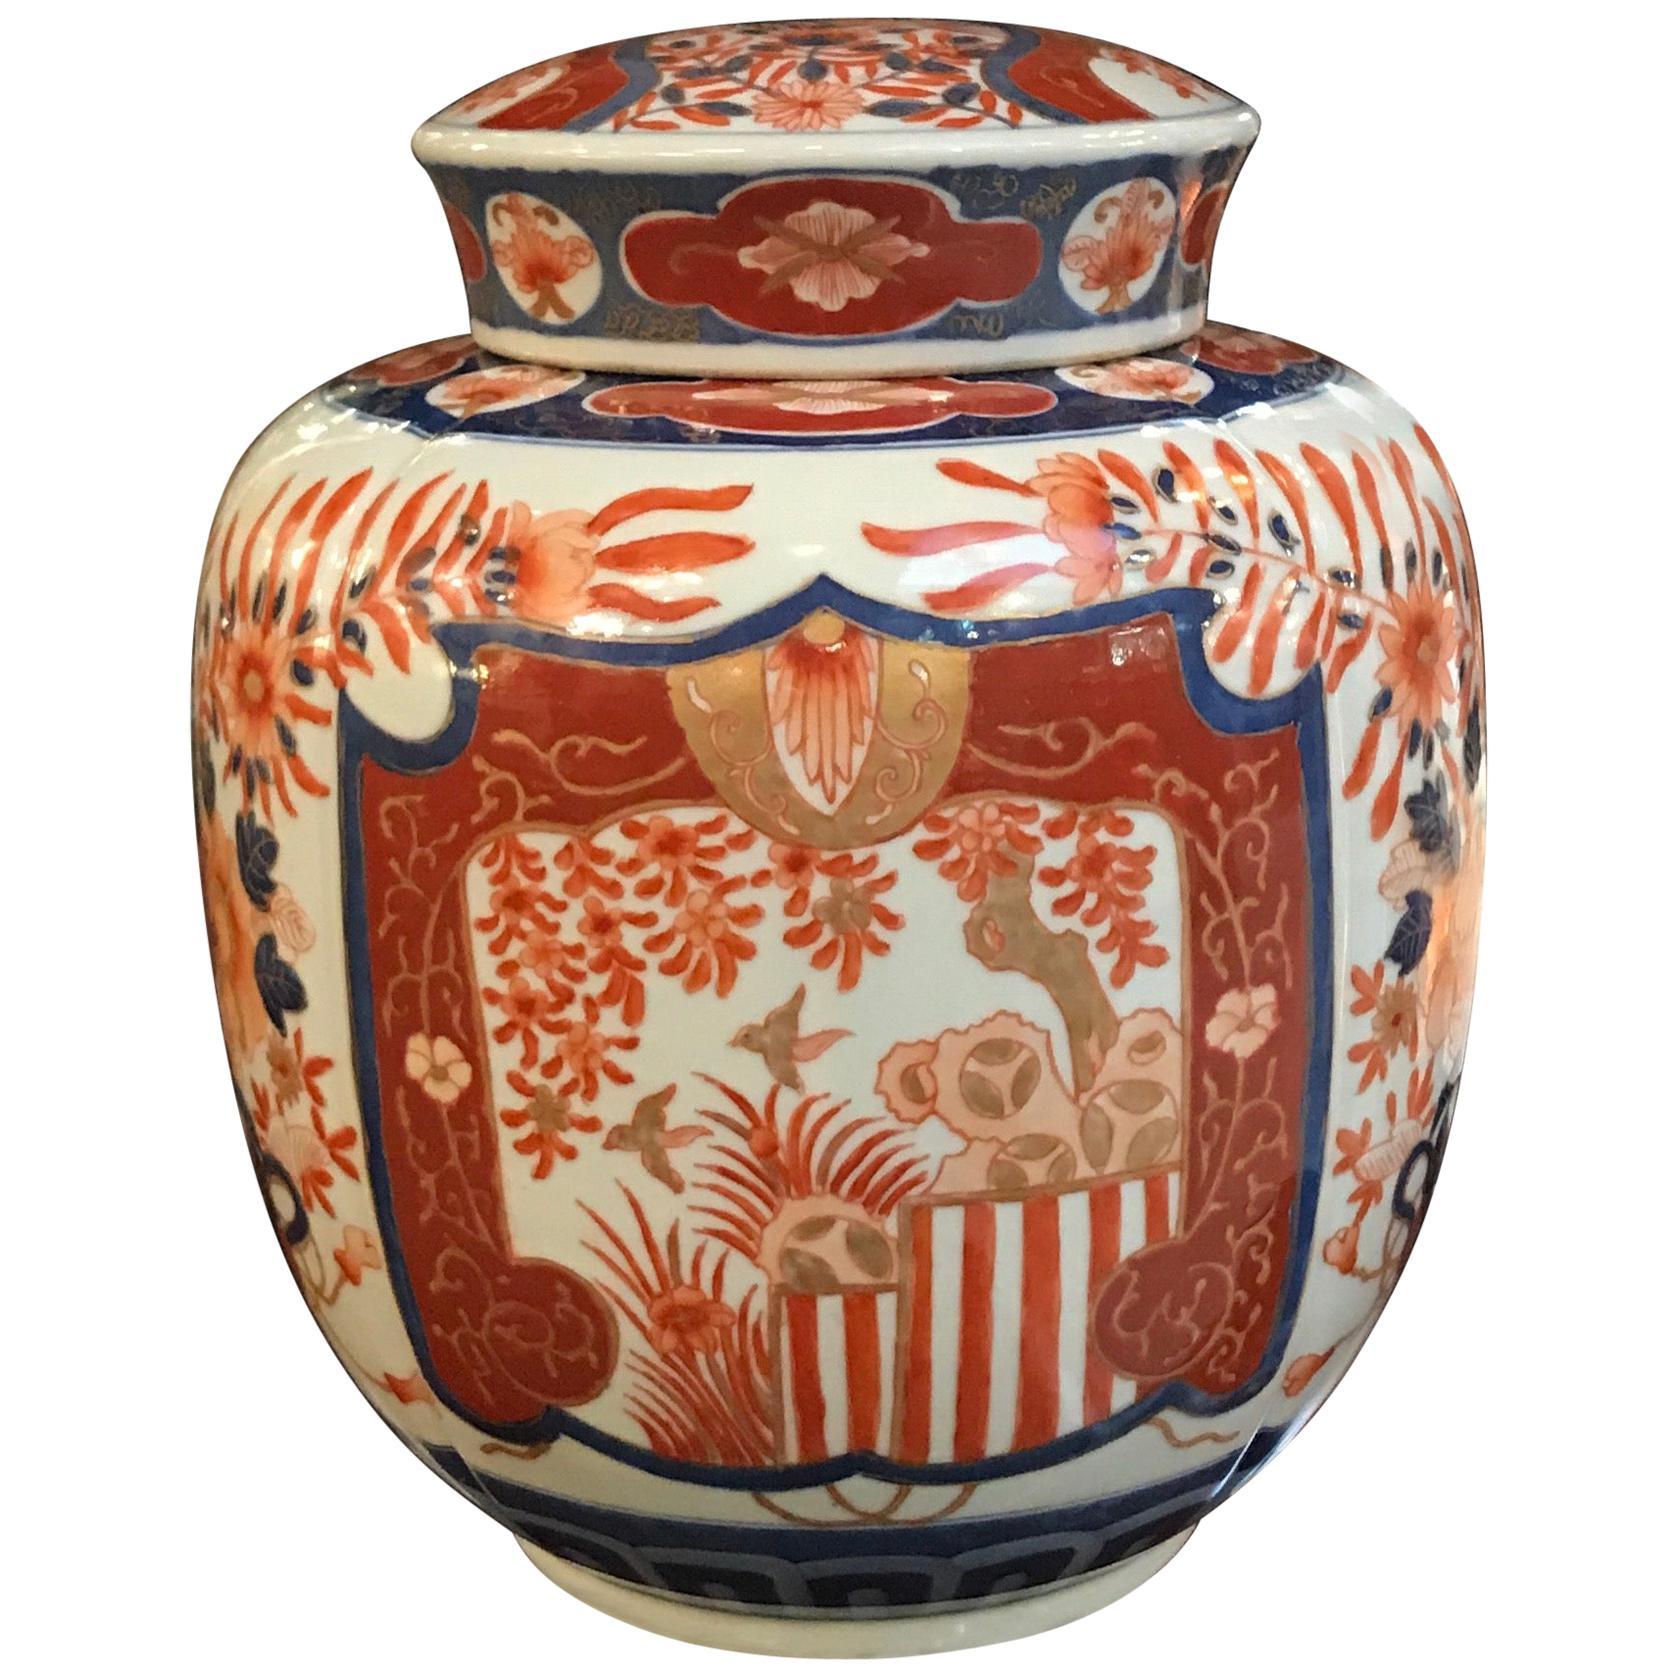 19th Century Japanese Imari Porcelain Jar